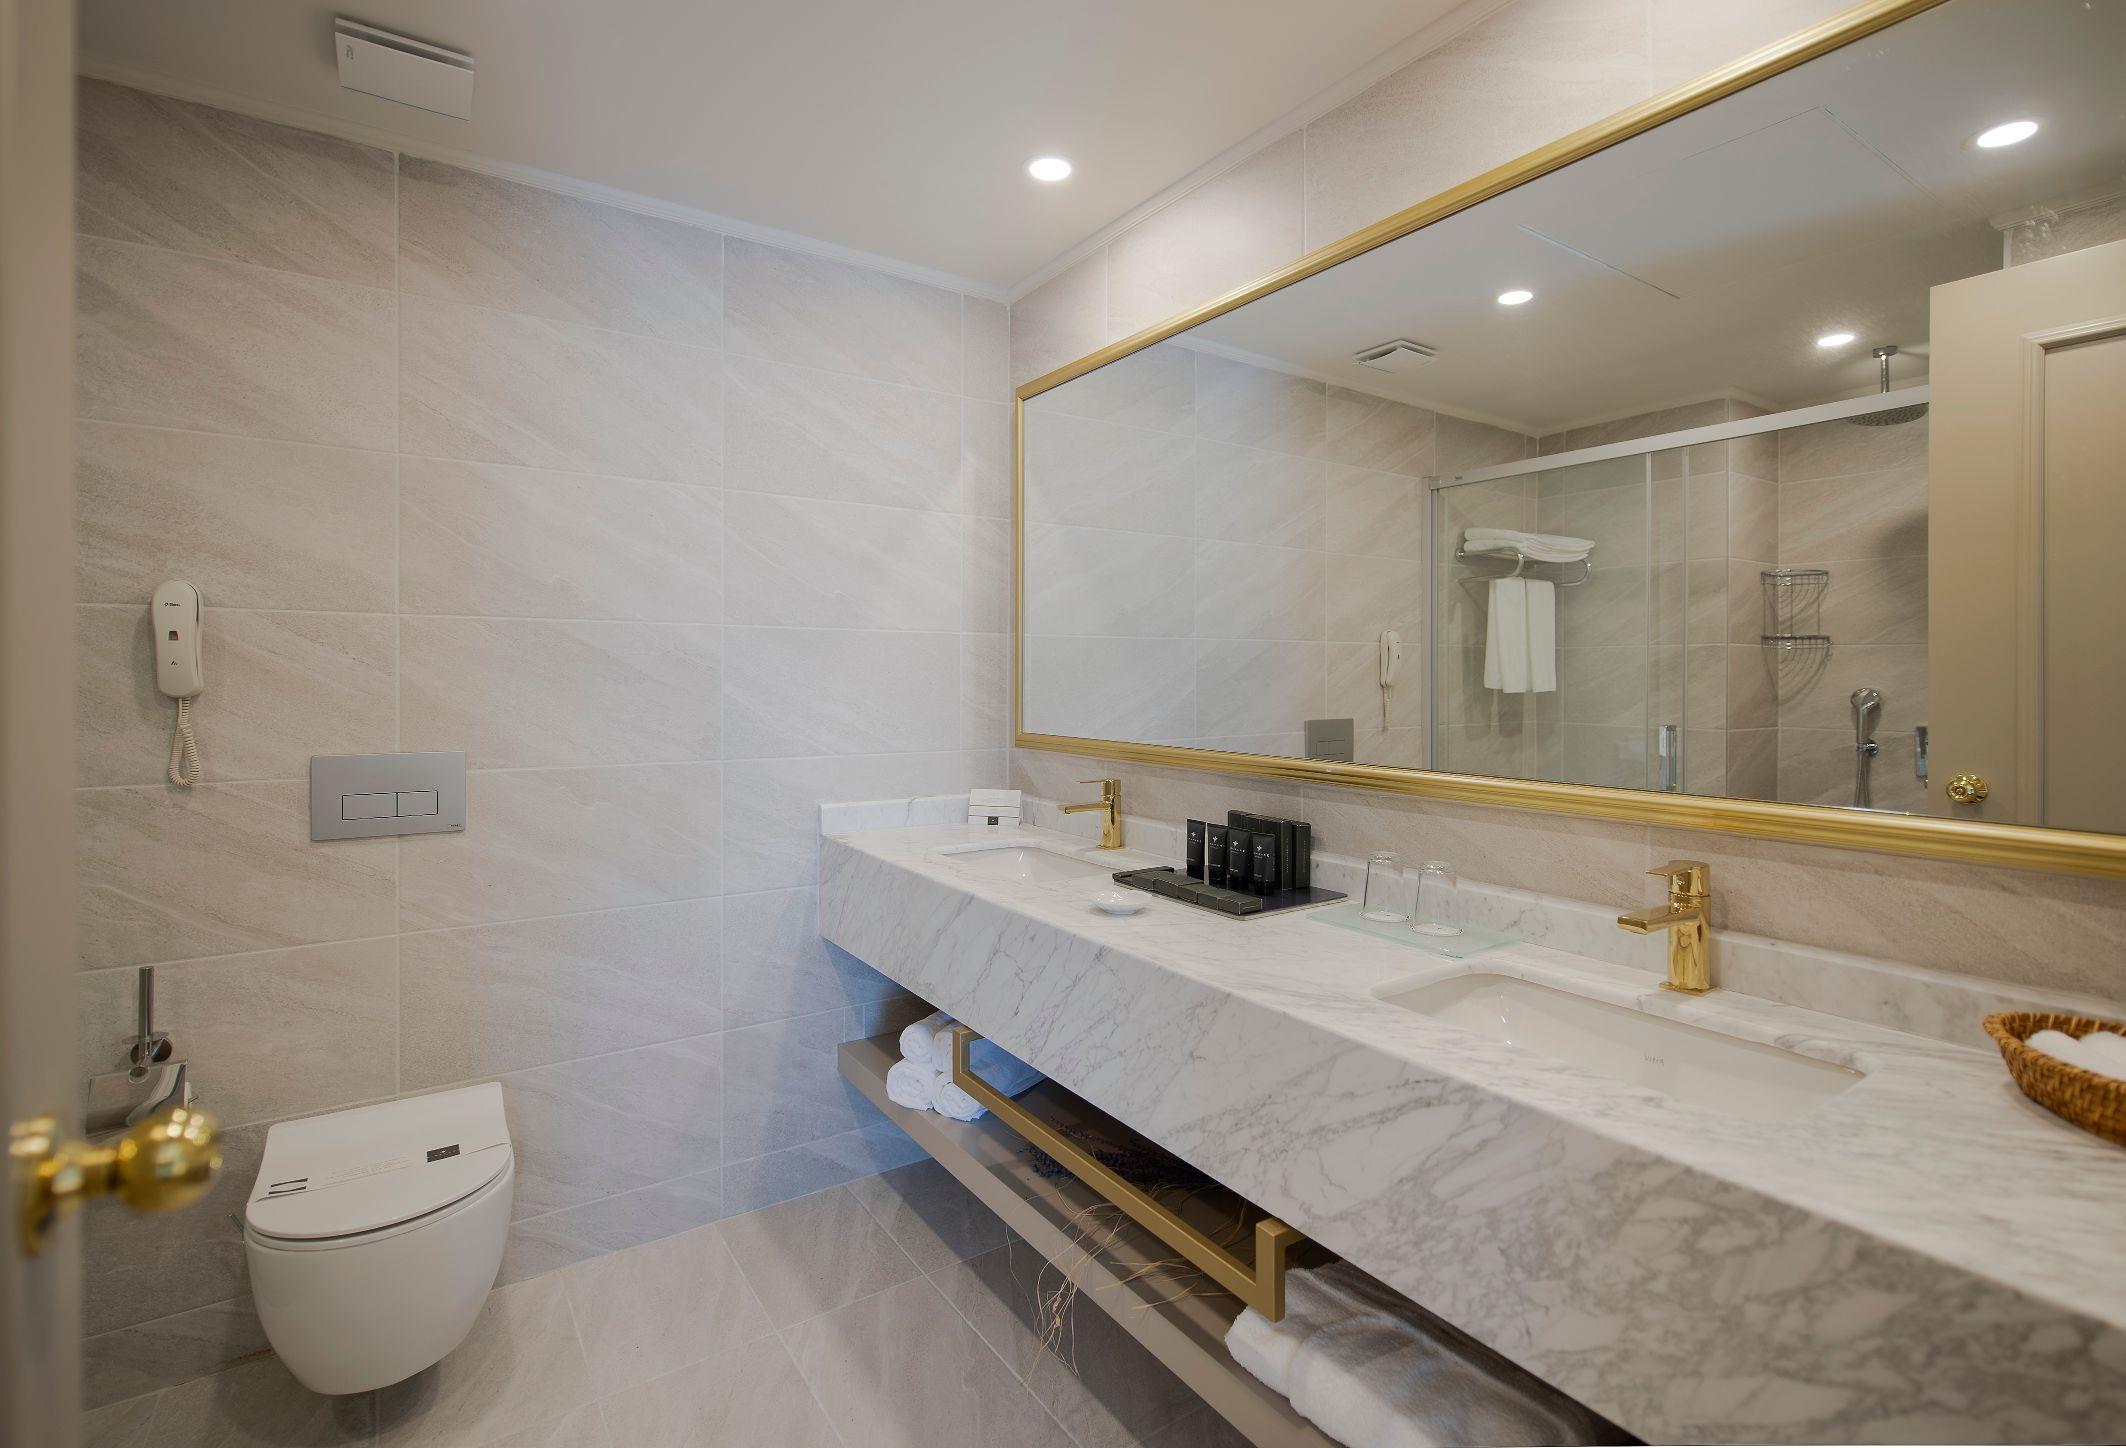 http://www.orextravel.sk/OREX/hotelphotos/miramare-queen-hotel-general-0038.jpg